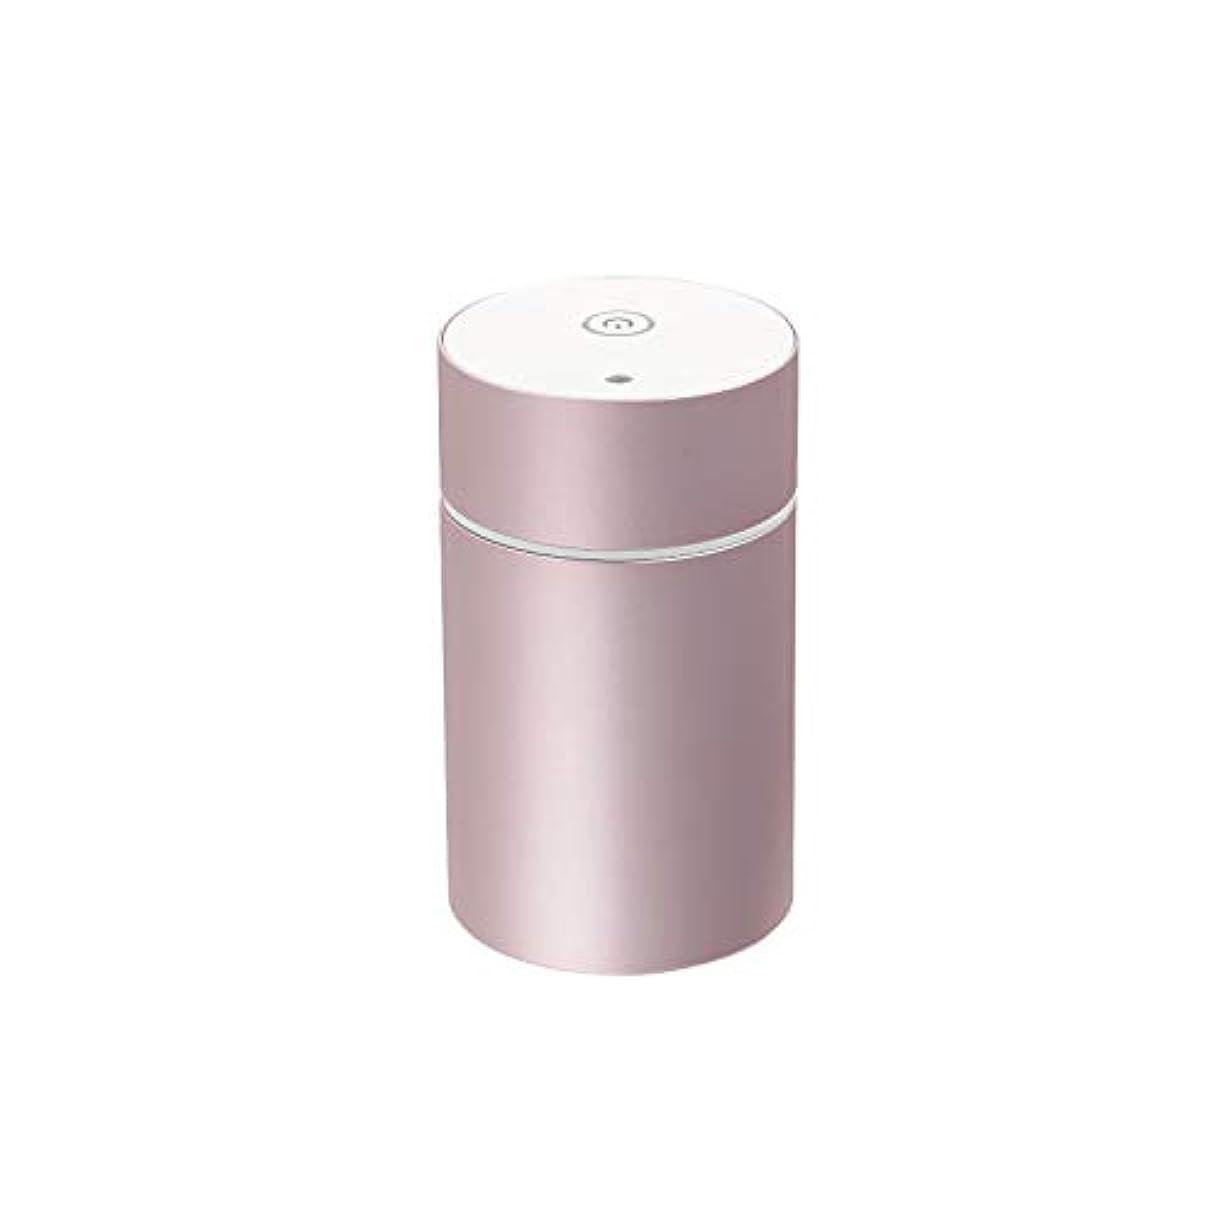 キャプションオン簡単な生活の木 アロマディフューザー(ピンク)aromore mini(アロモアミニ) 08-801-7020